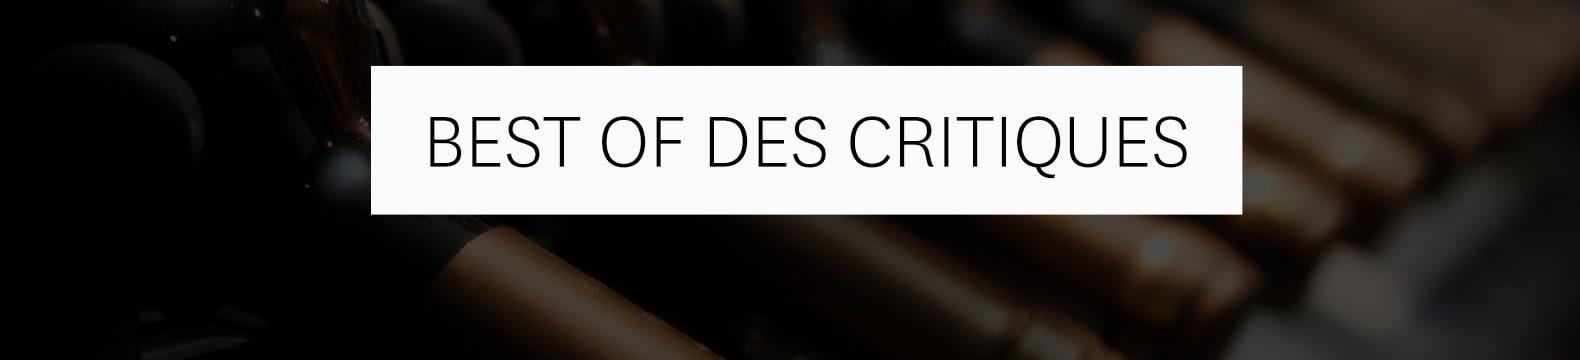 Best of des critiques